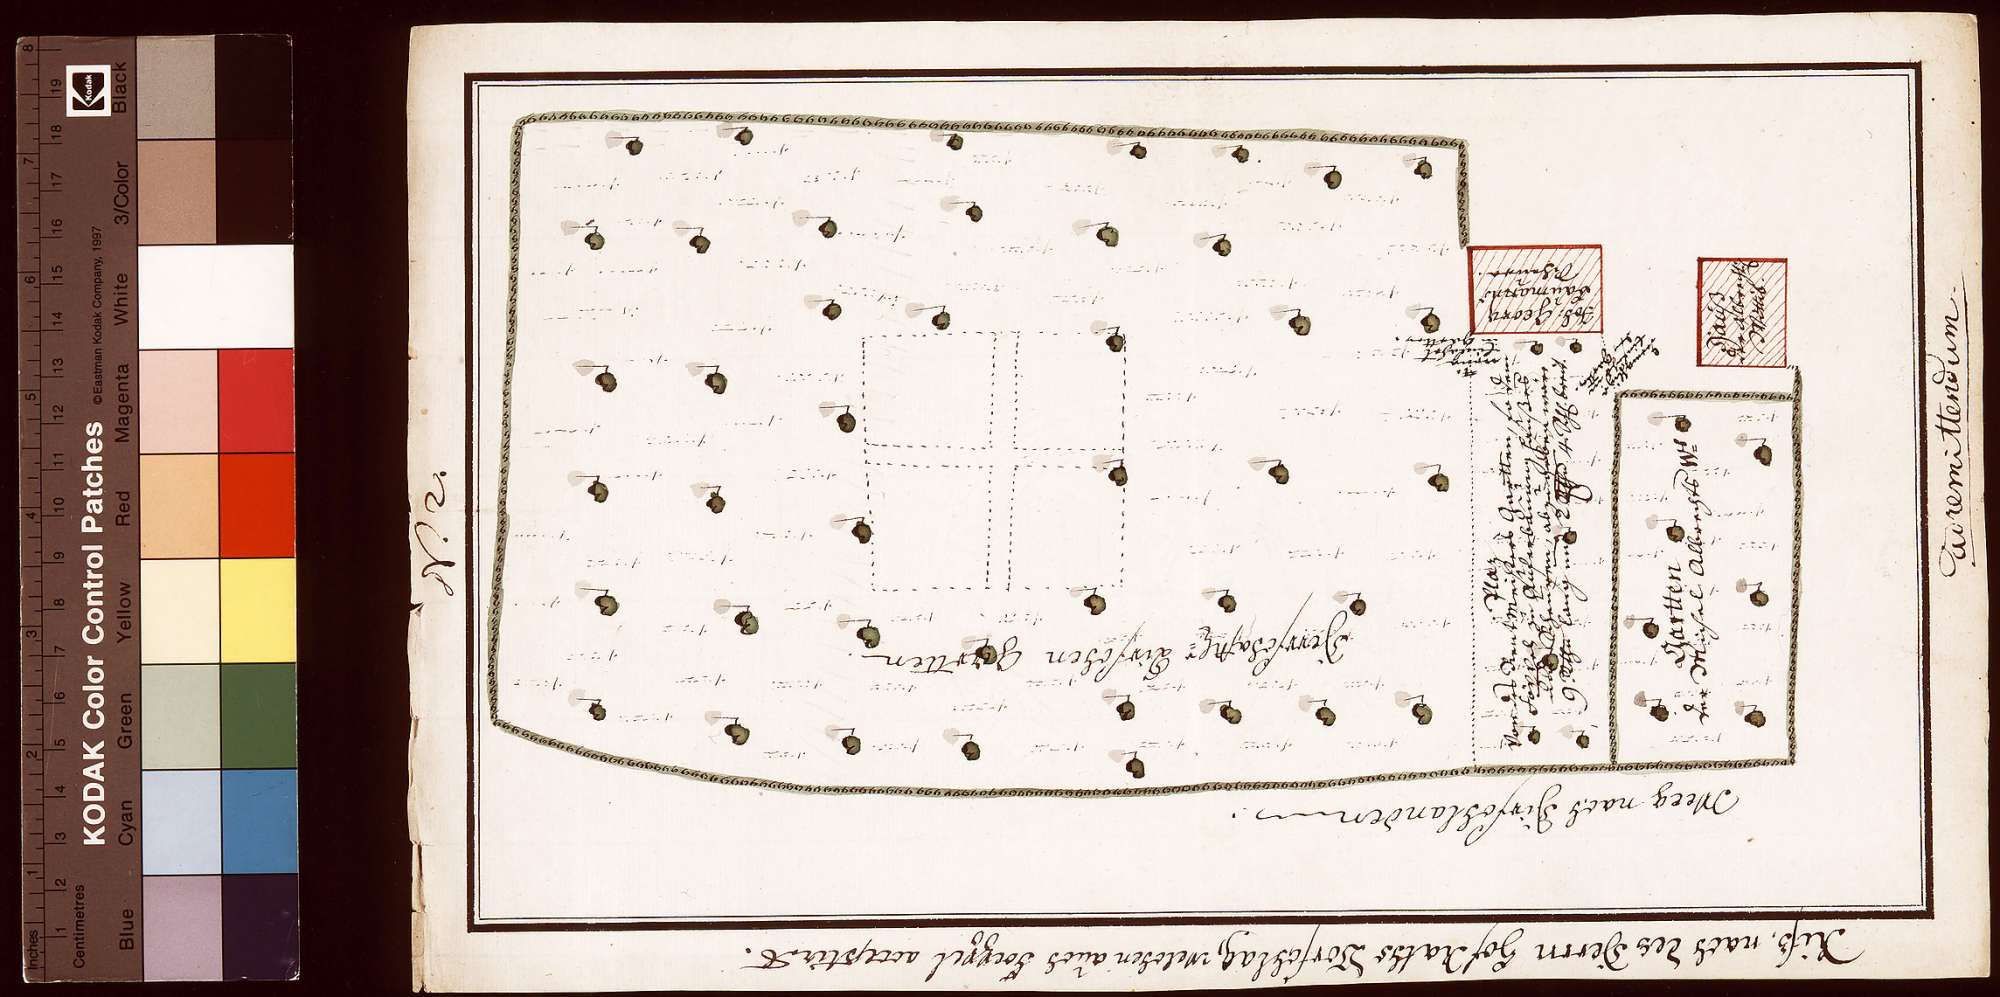 Torgarten zu Rosenberg, Bild 1